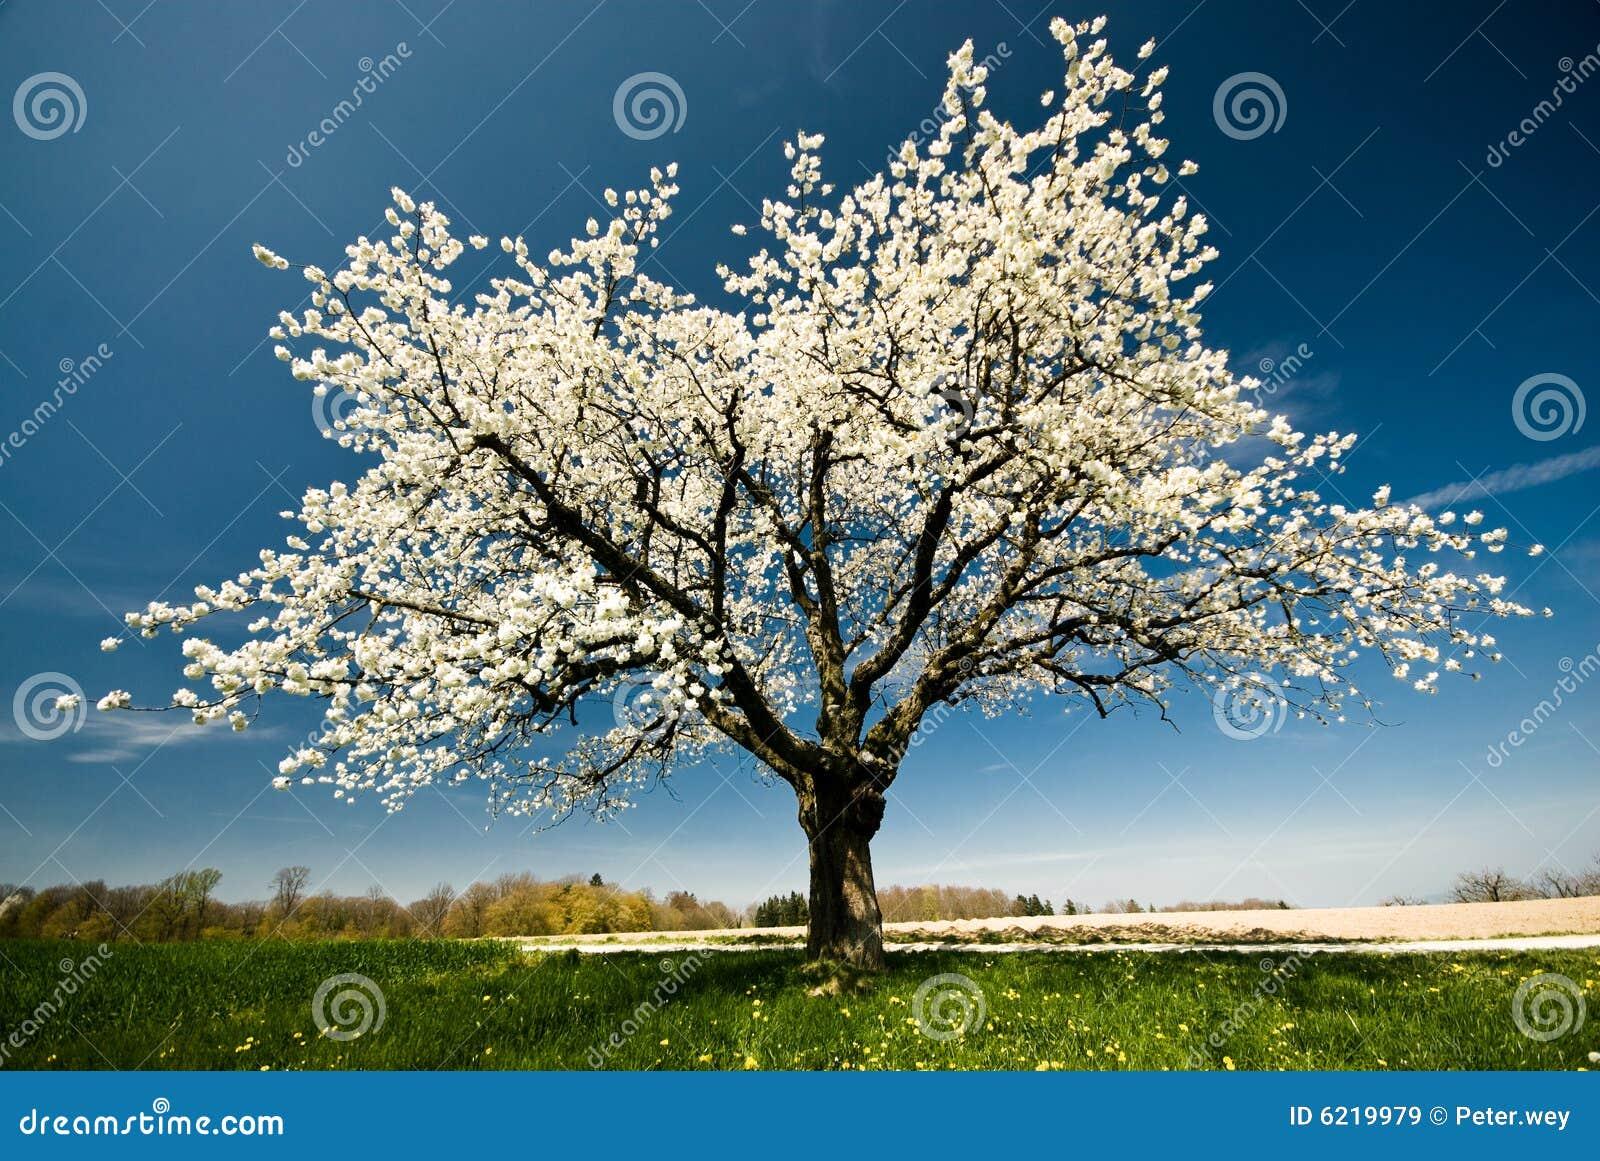 ανθίζοντας δέντρο άνοιξη